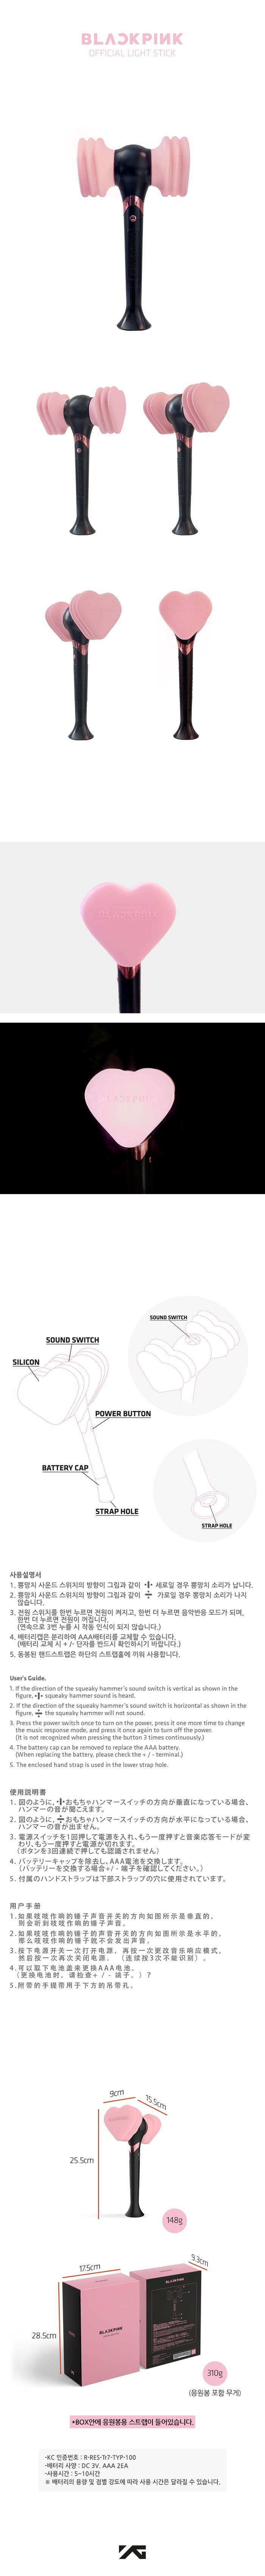 [MYKPOP] ~ oficial ~ BLACKPINK concierto palo de luz concierto Bbyong palo de luz KPOP ventilador regalo colección SA18092306 - 2